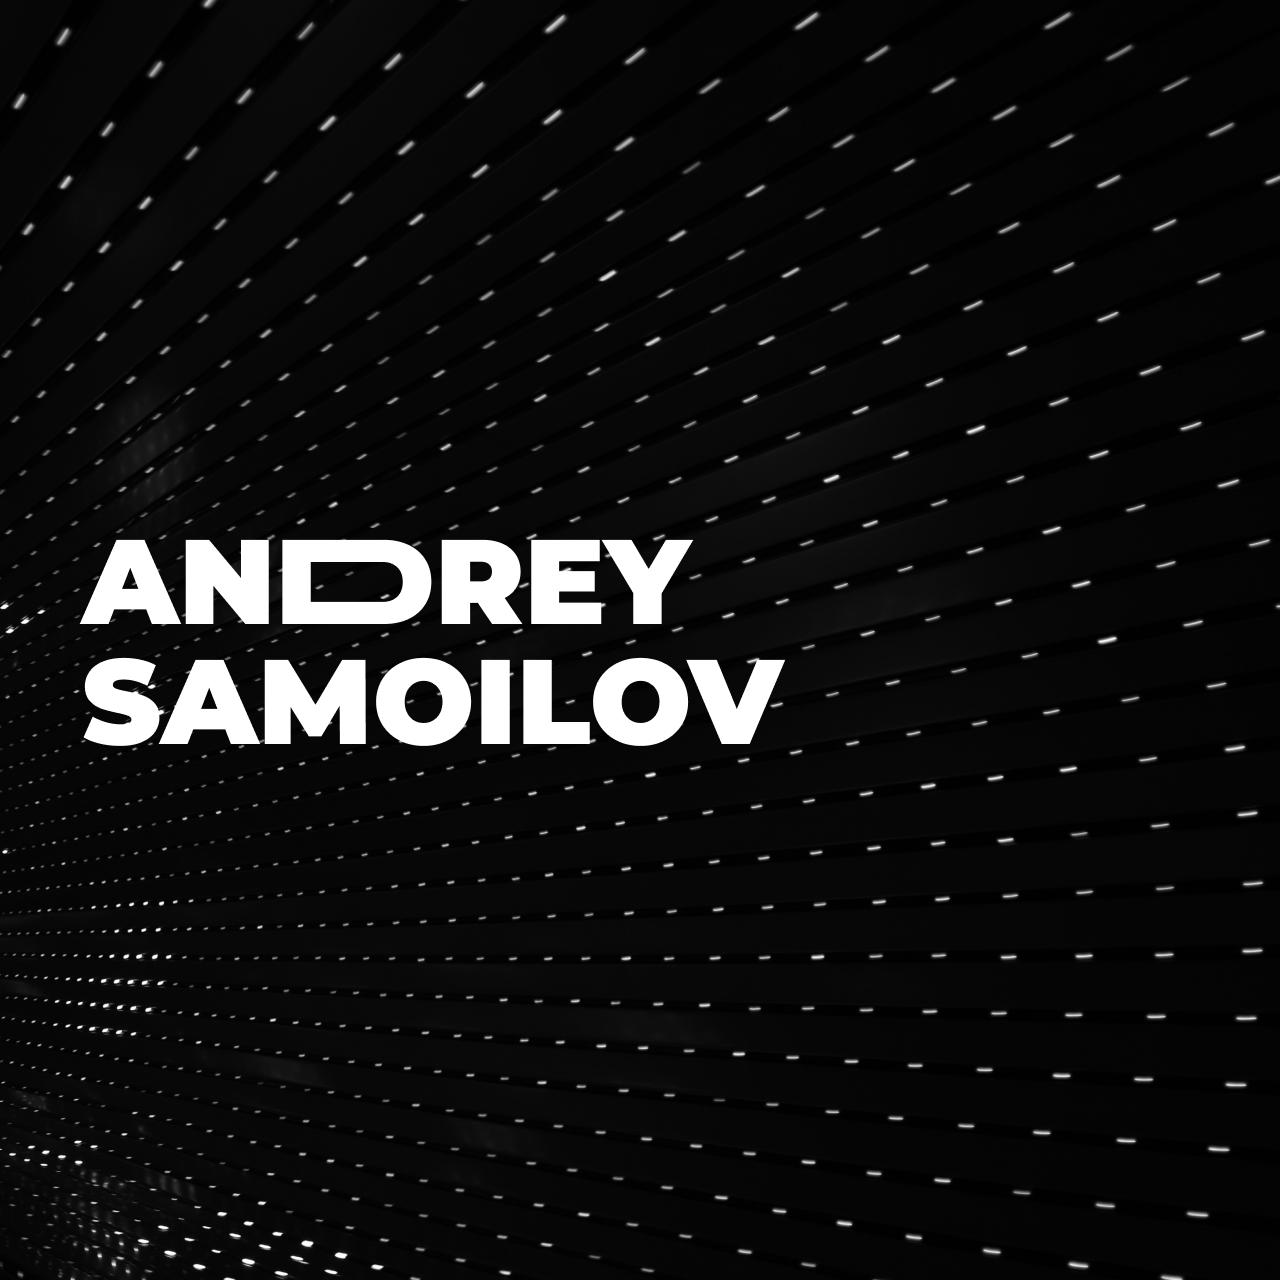 Andrey Samoilov